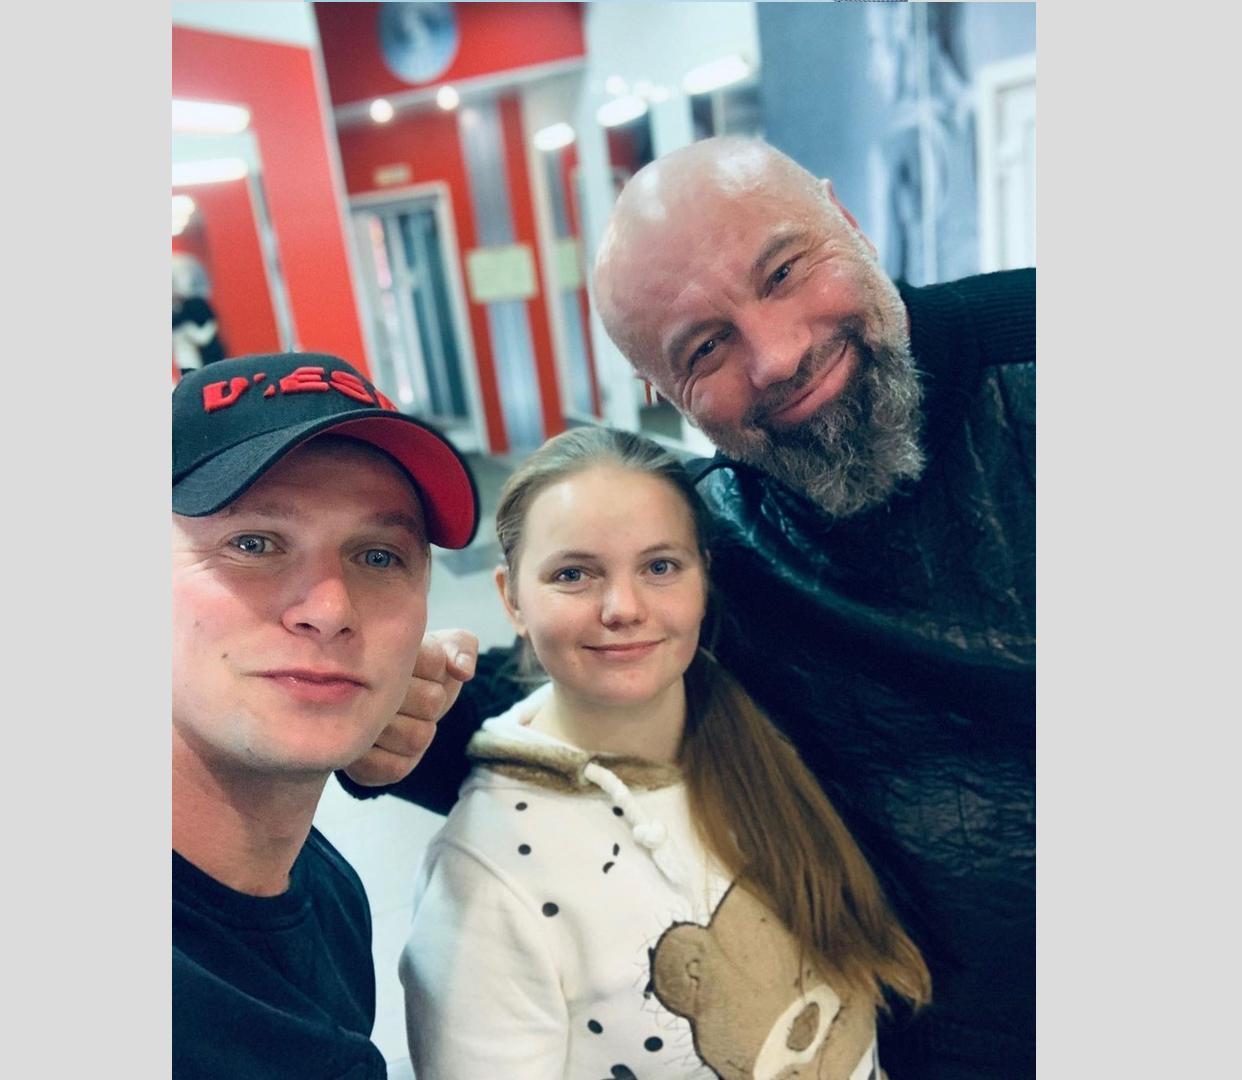 Актер Роман Курцын помогает ярославне с ограничениями по здоровью найти работу